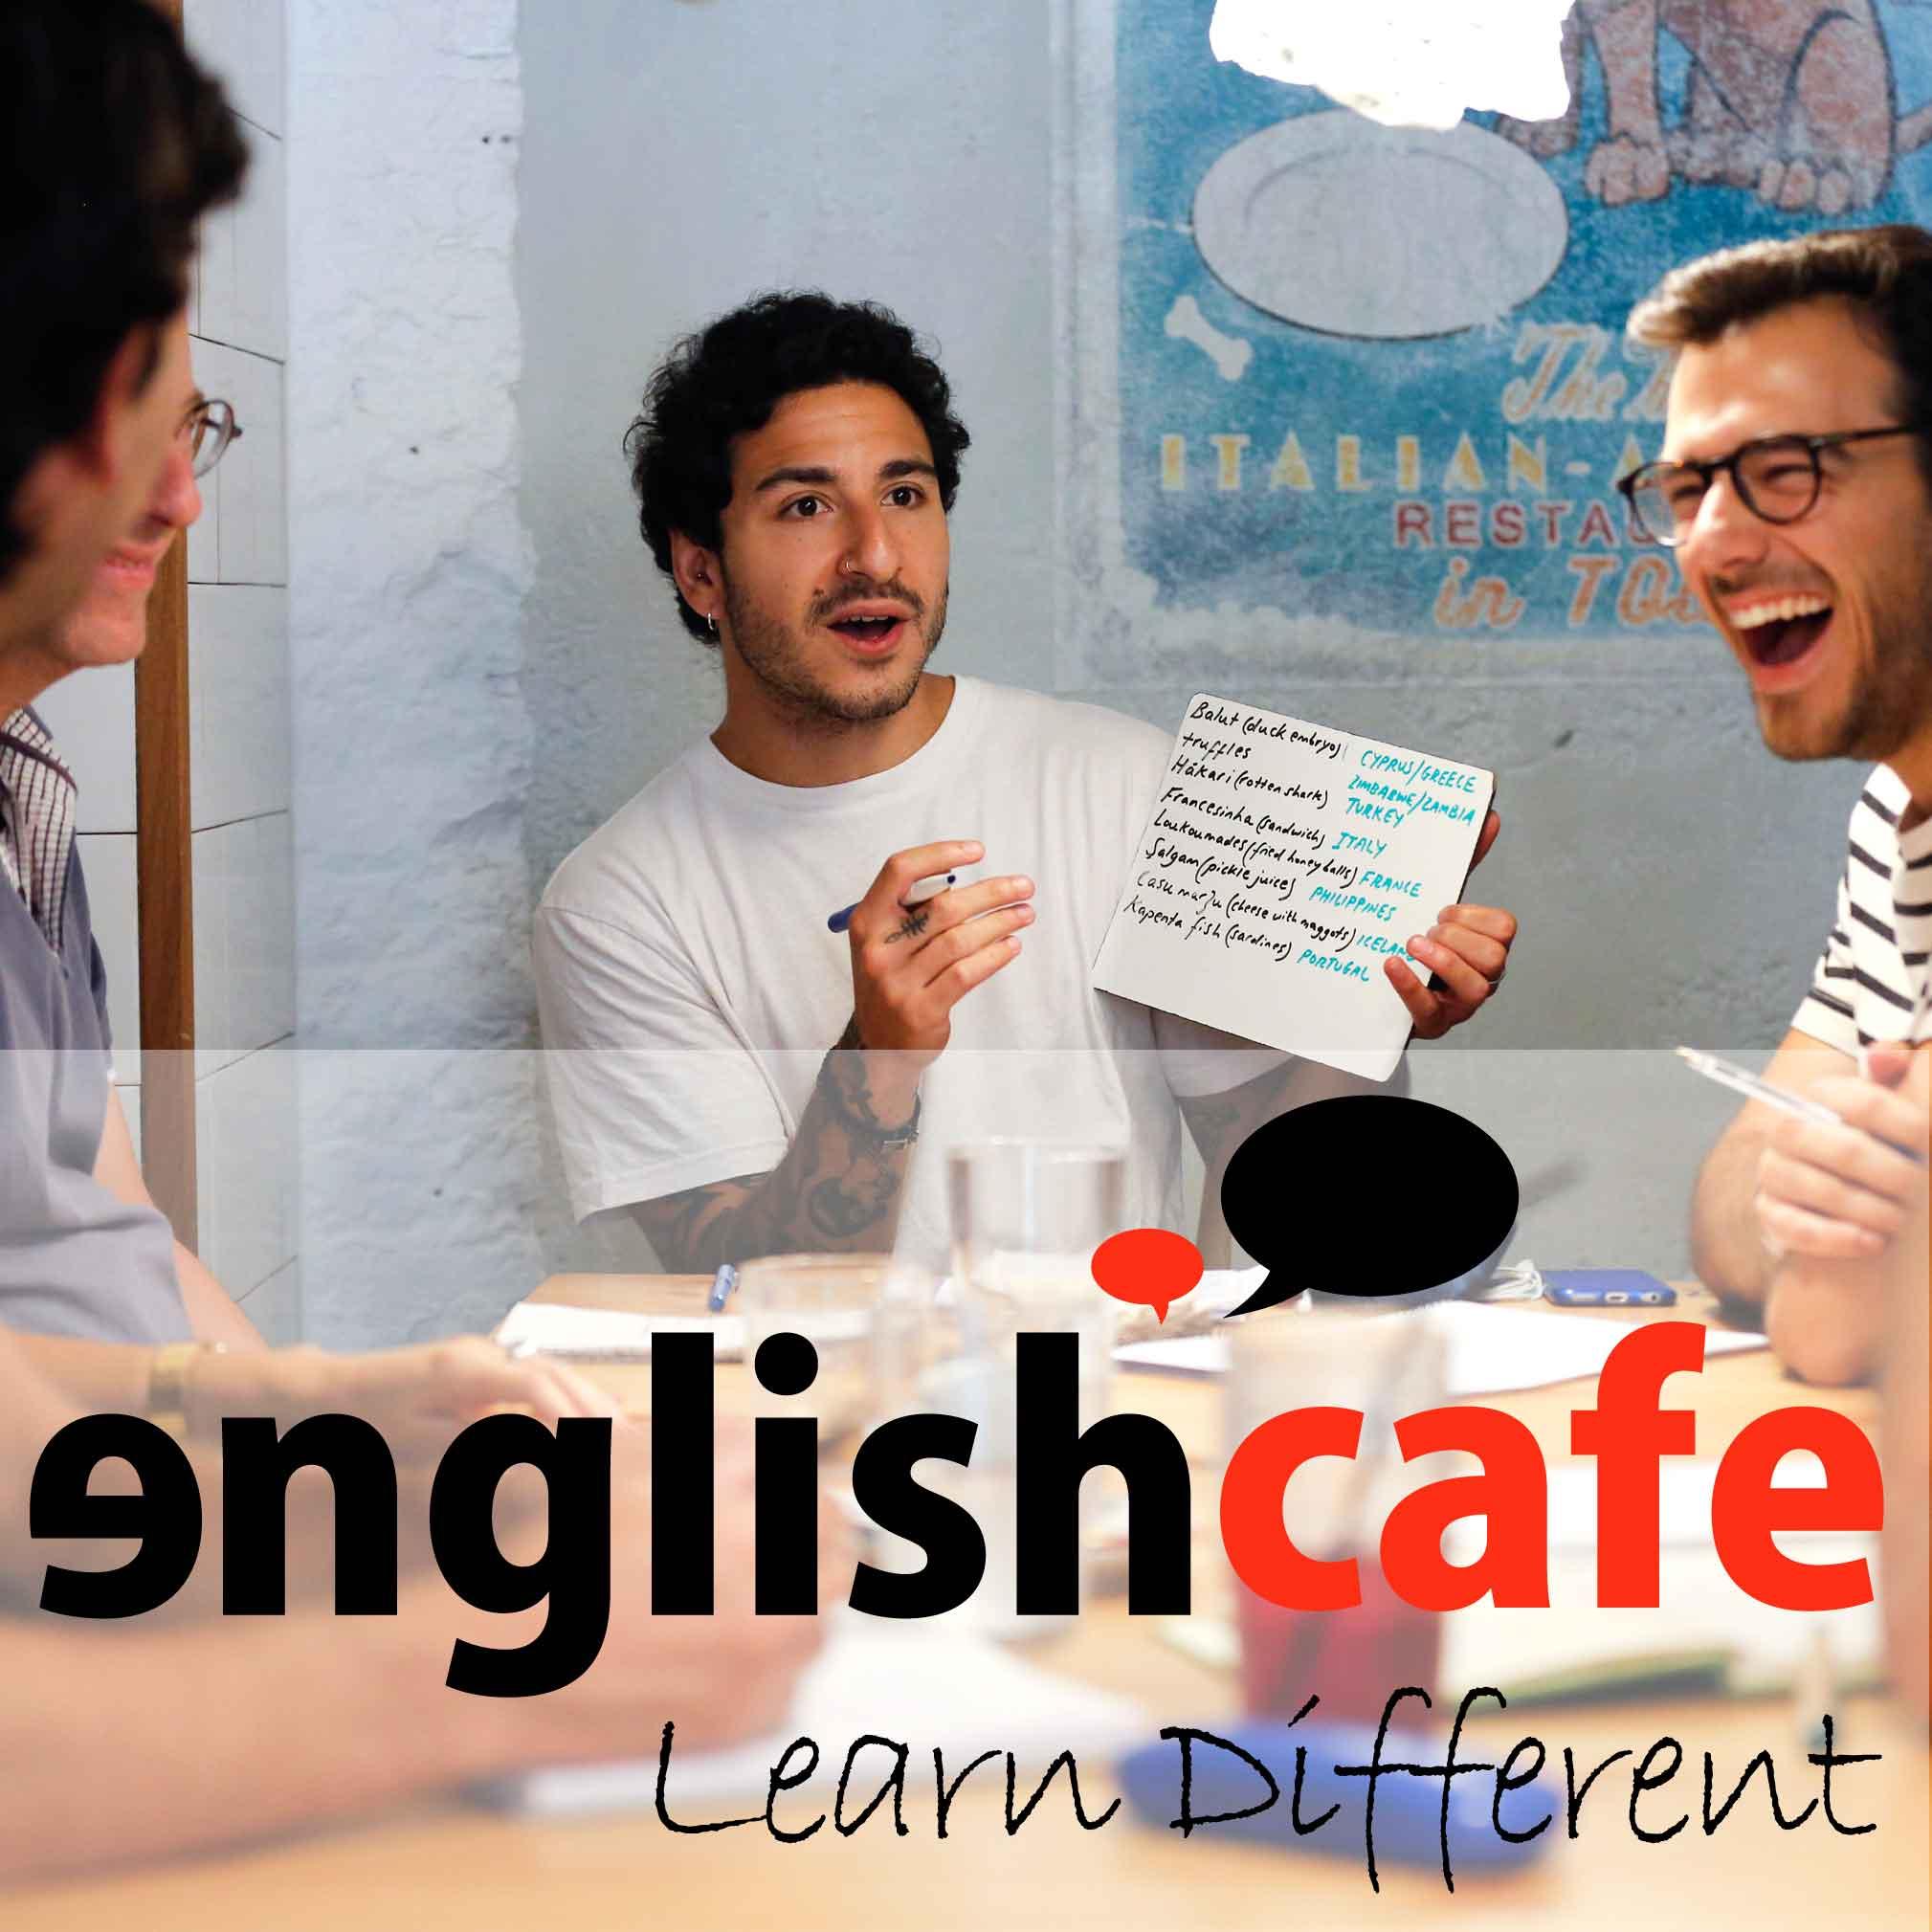 Englishcafe Granada